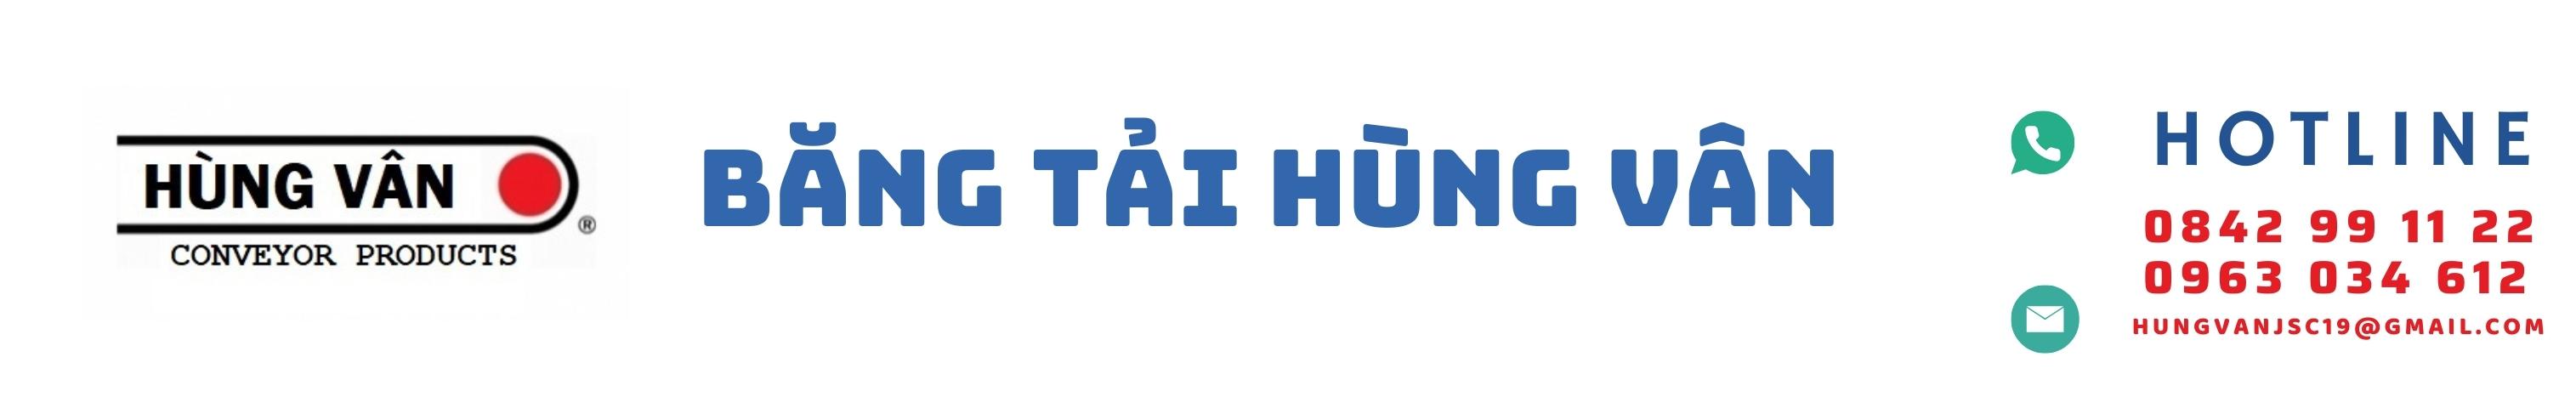 Băng Tải Hùng Vân – Băng Tải Cao Su – PVC – PU – Con Lăn – Hệ Thống Khung Băng Tải